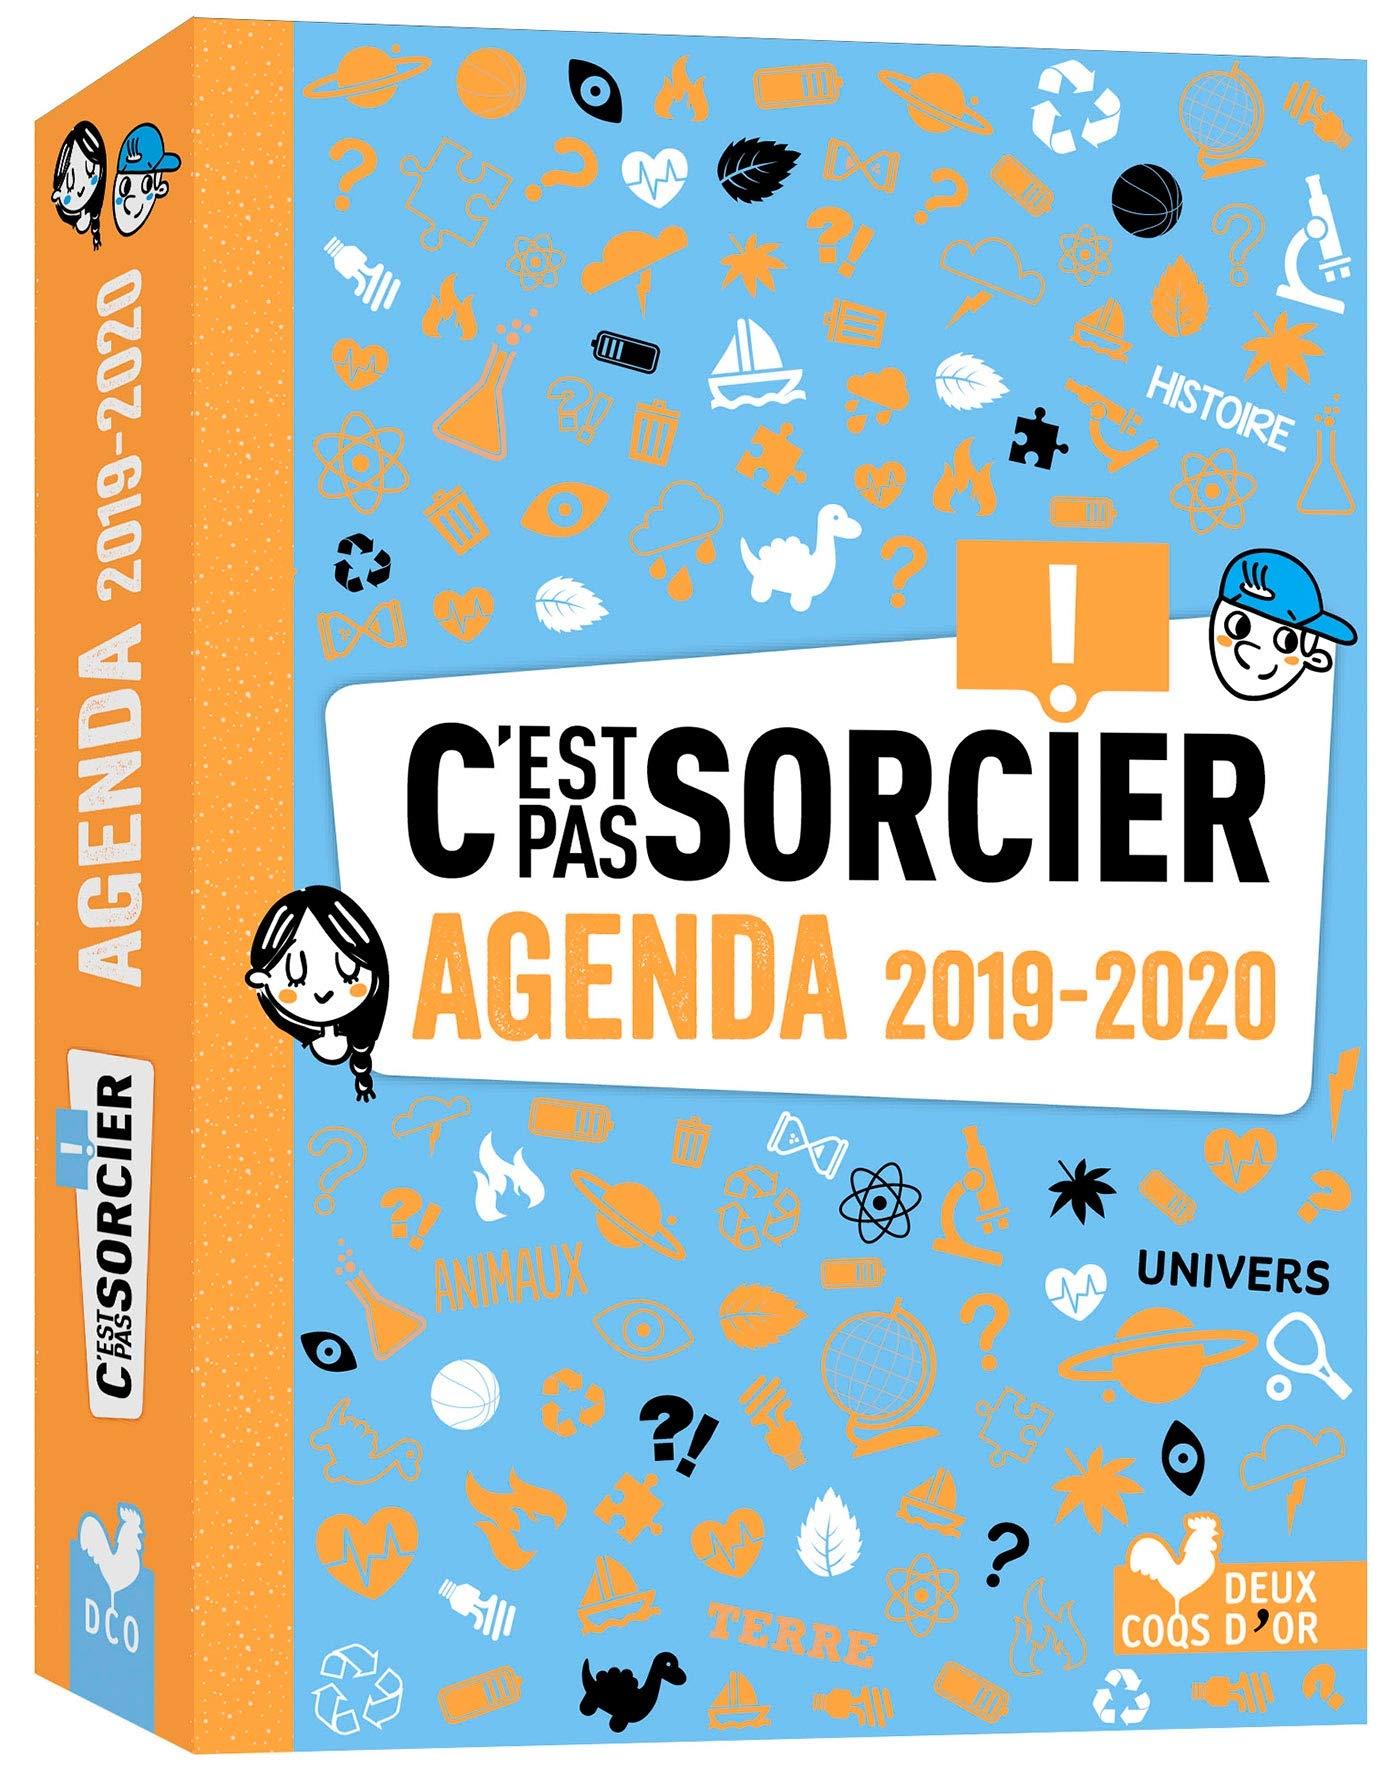 Mon agenda 2019-2020 Cest pas sorcier Livres documentaires ...